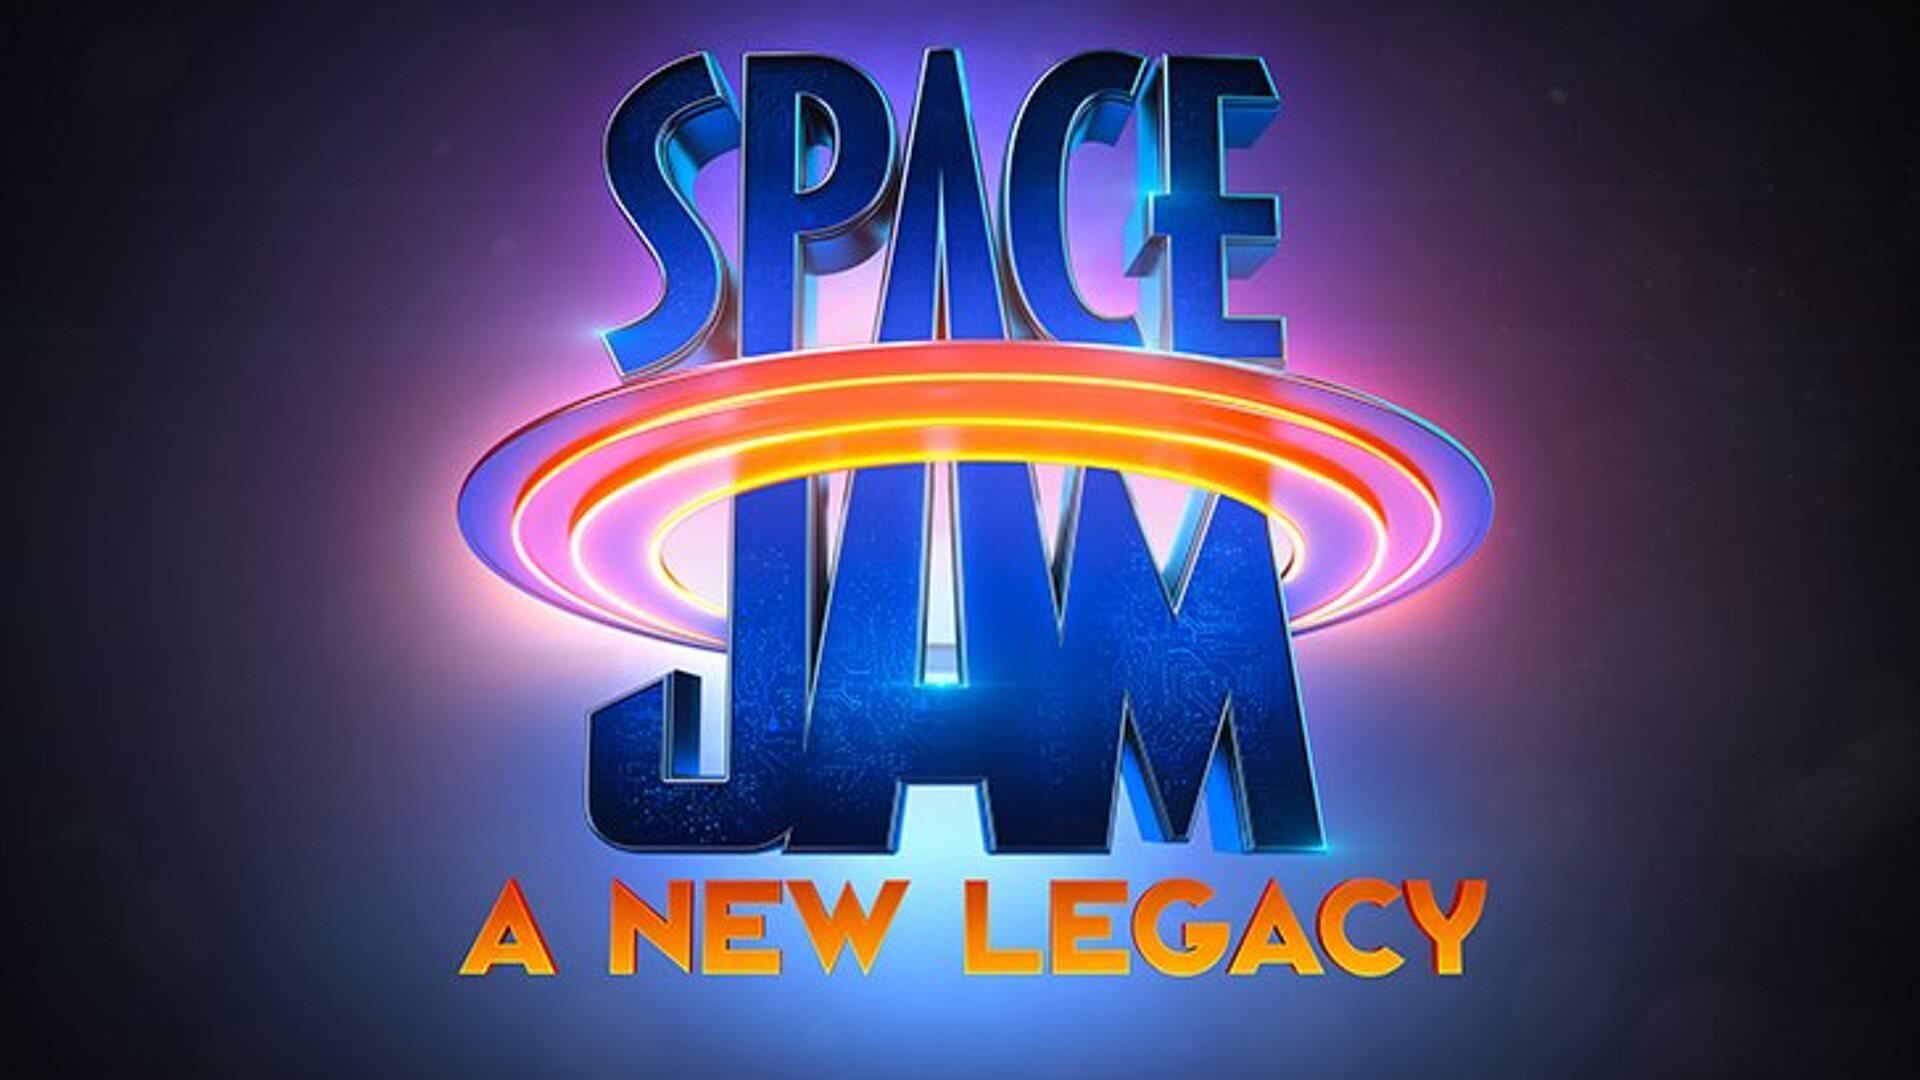 اولین تصاویر رسمی فیلم Space Jam 2؛ هم بازی شدن لبران جیمز و باگز بانی